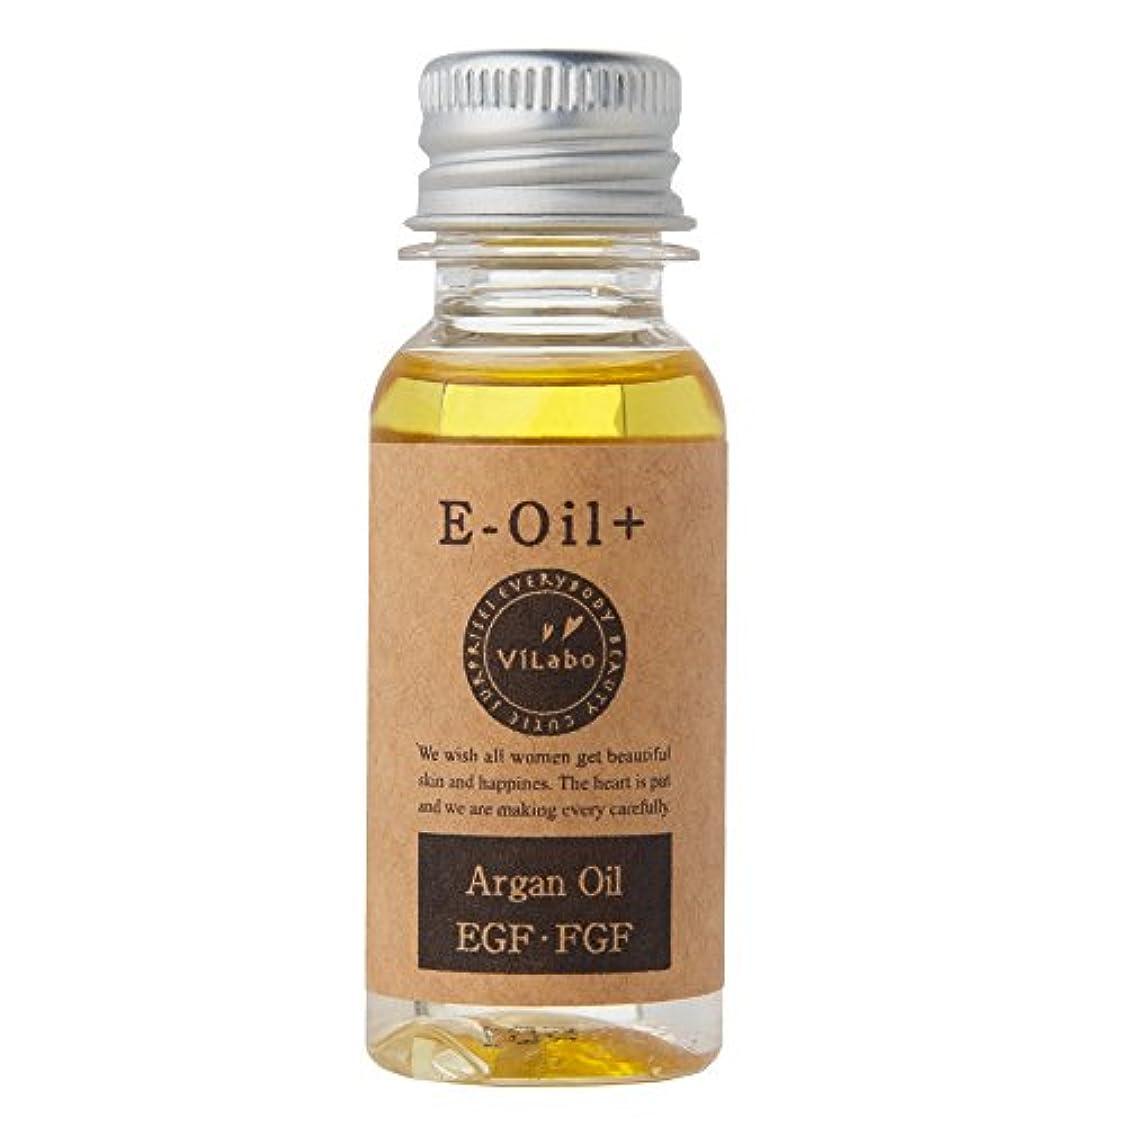 蒸し器書き出すシングル高品質アルガンオイル+EGF?FGF原液 (イーオイルプラスAR)30ml ViLabo ビラボ